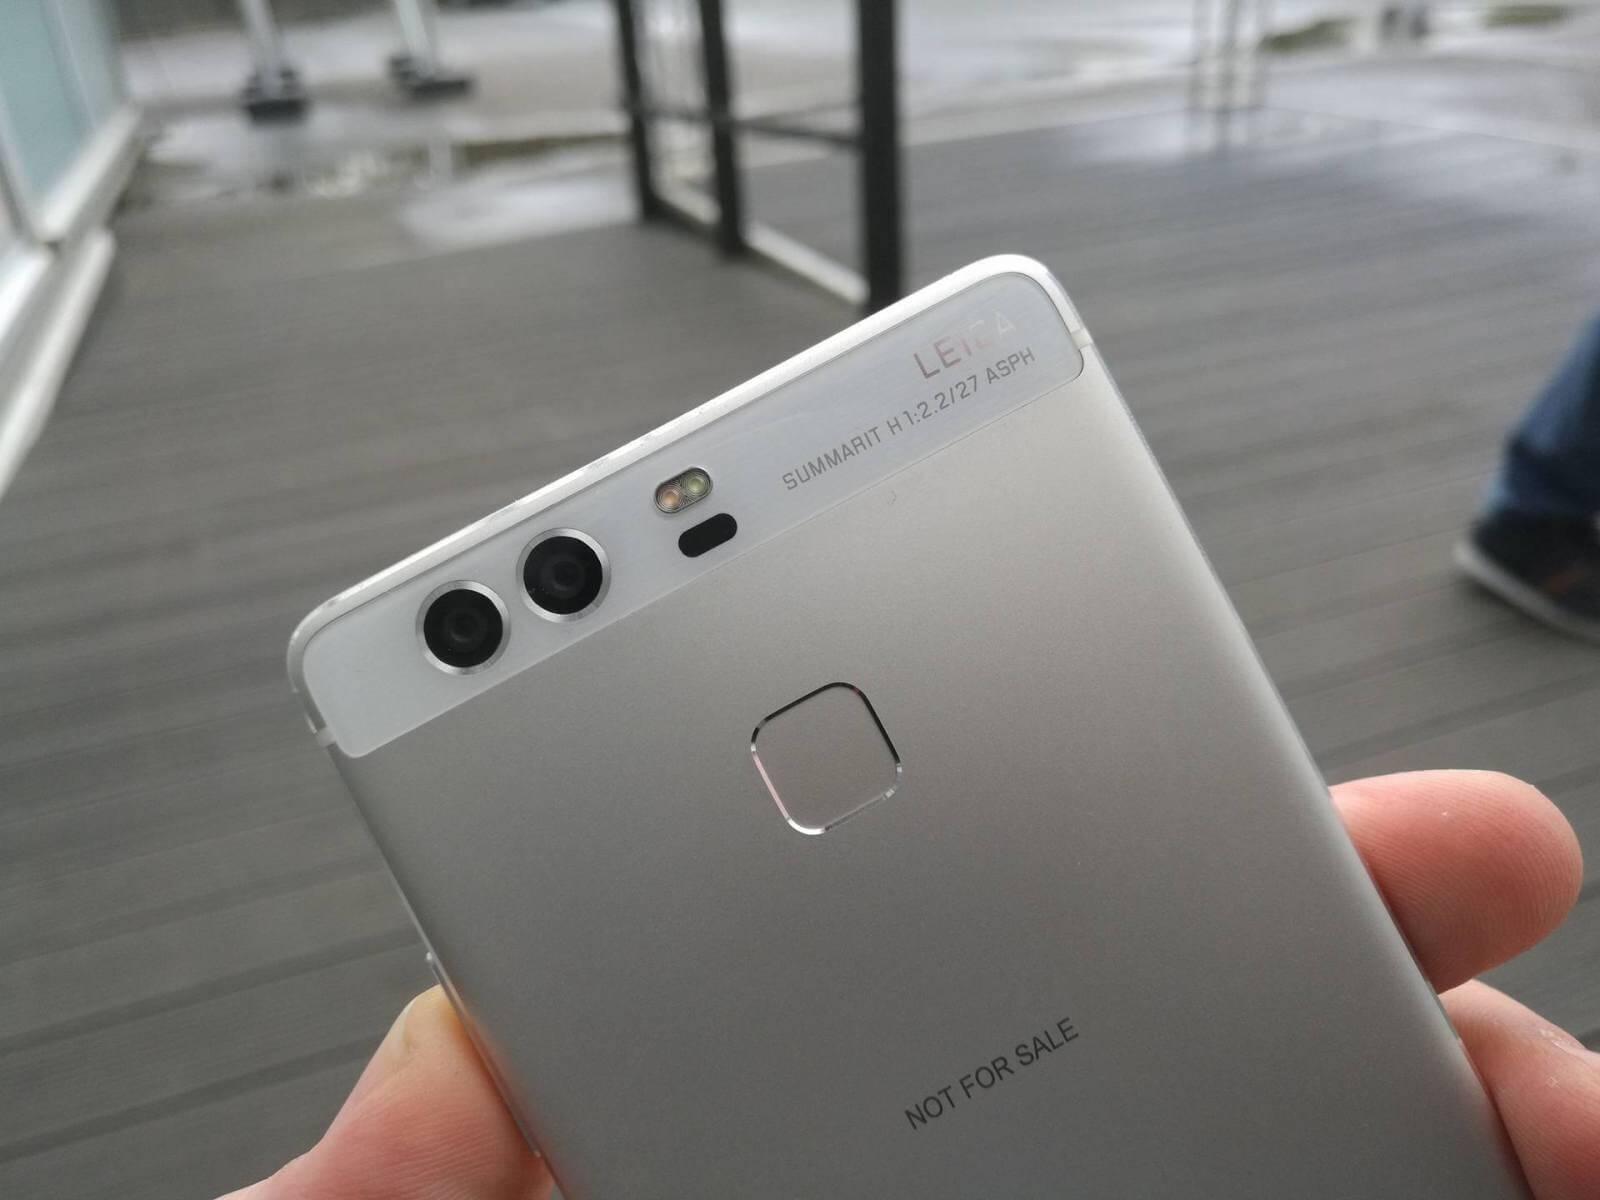 Huawei P9 P9 Plus Vorgestellt Kamera Wunder Mit Zwei Augen